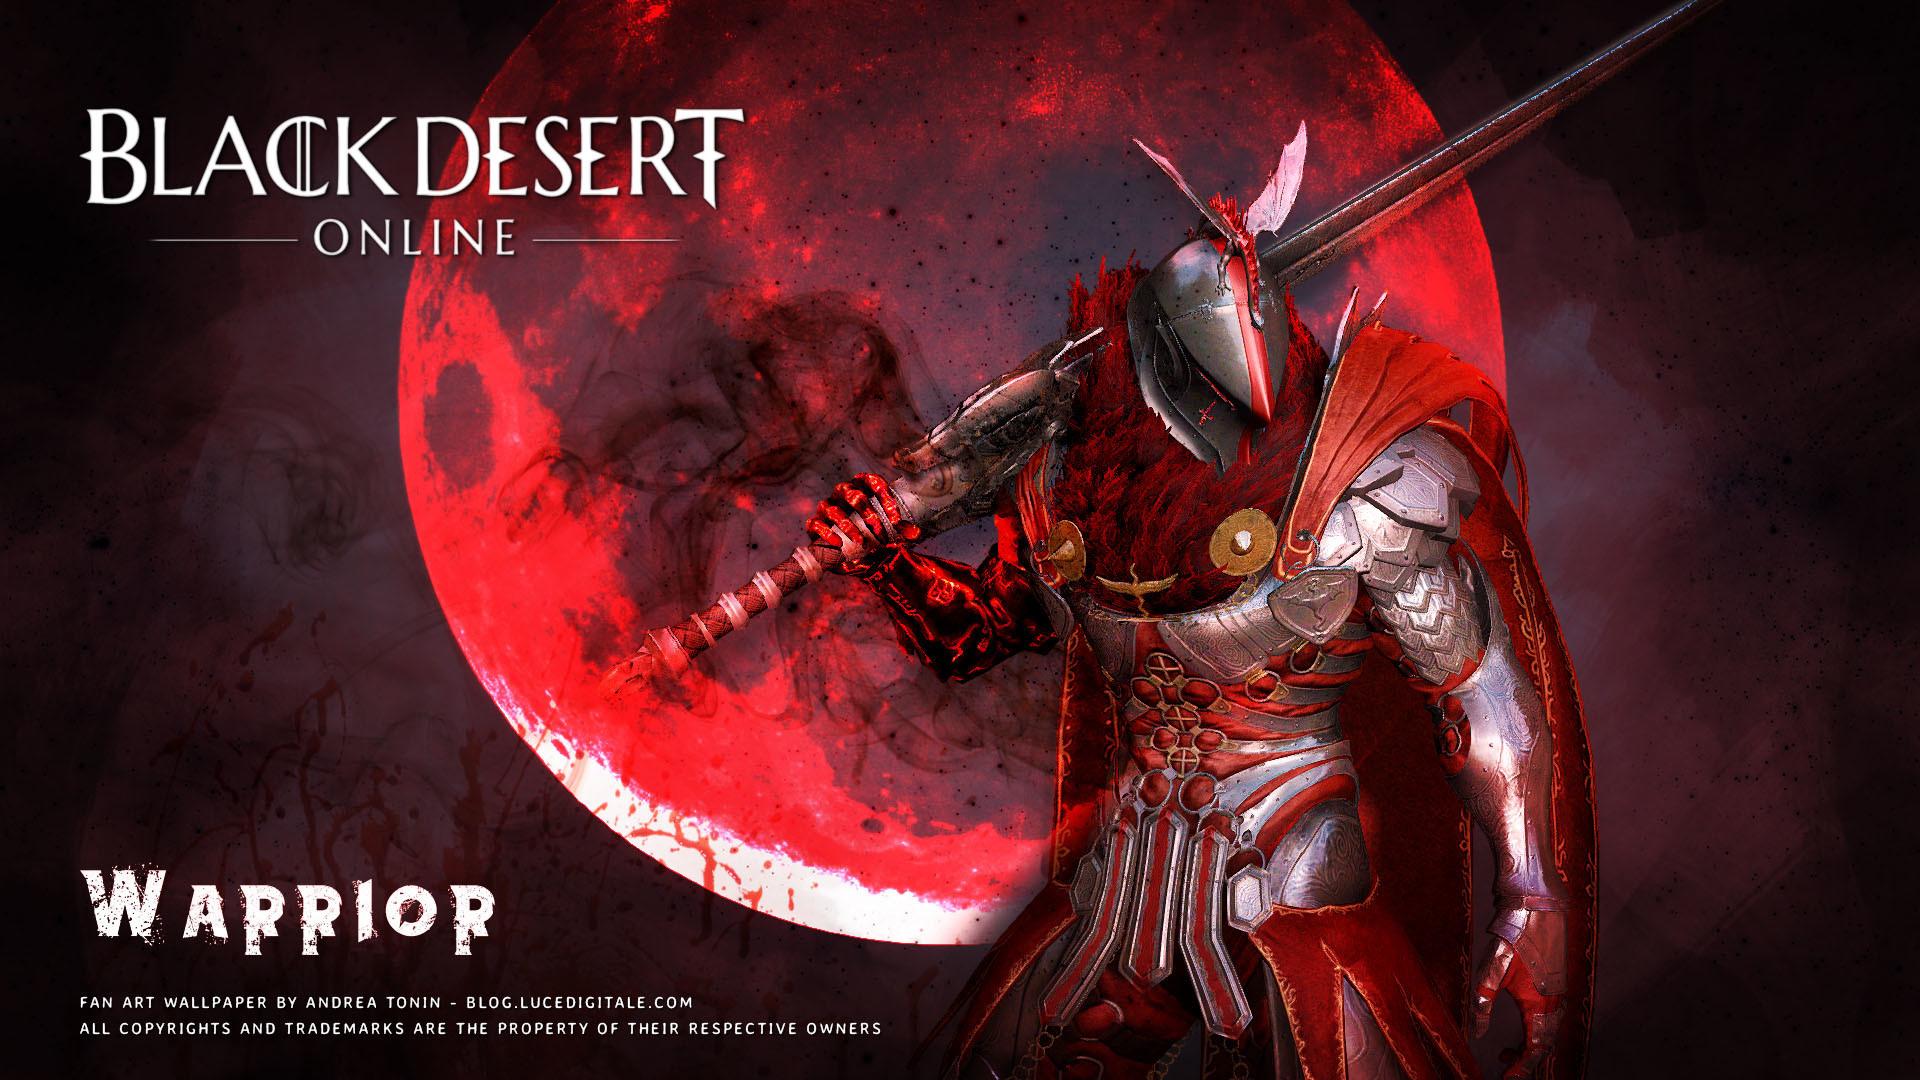 warrior-black-desert-online-003.jpg